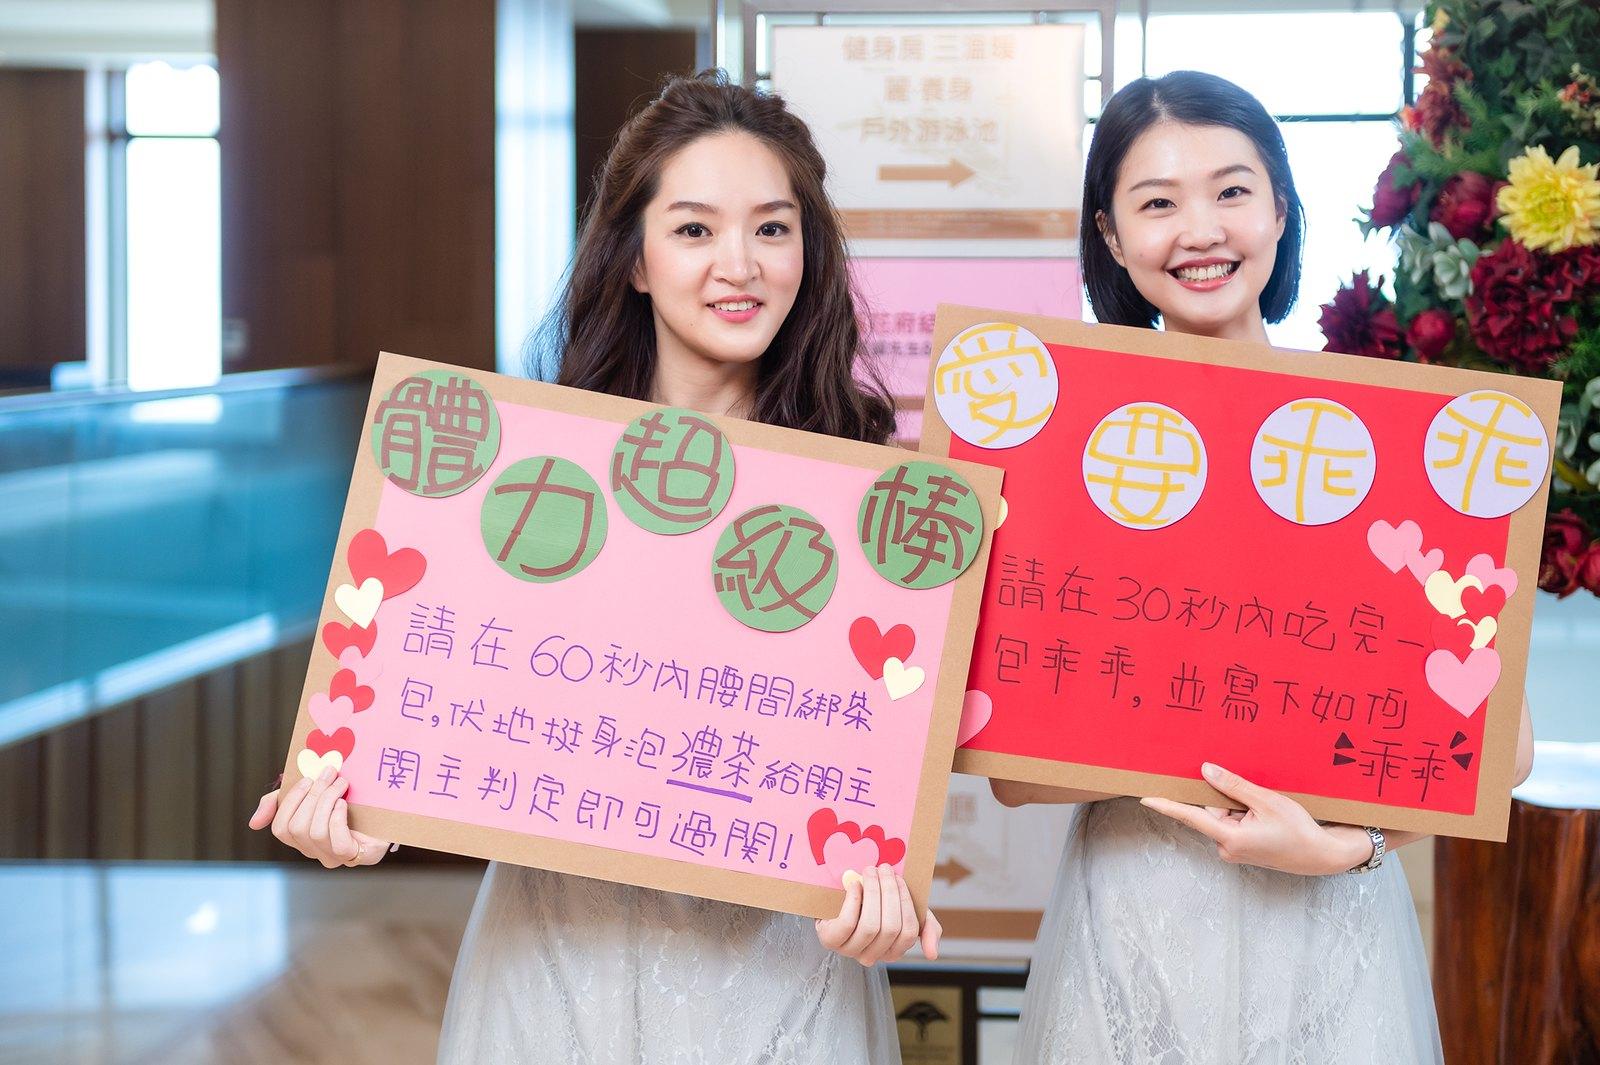 【婚攝】家緯 & 佳汶 / 淡水福容大飯店